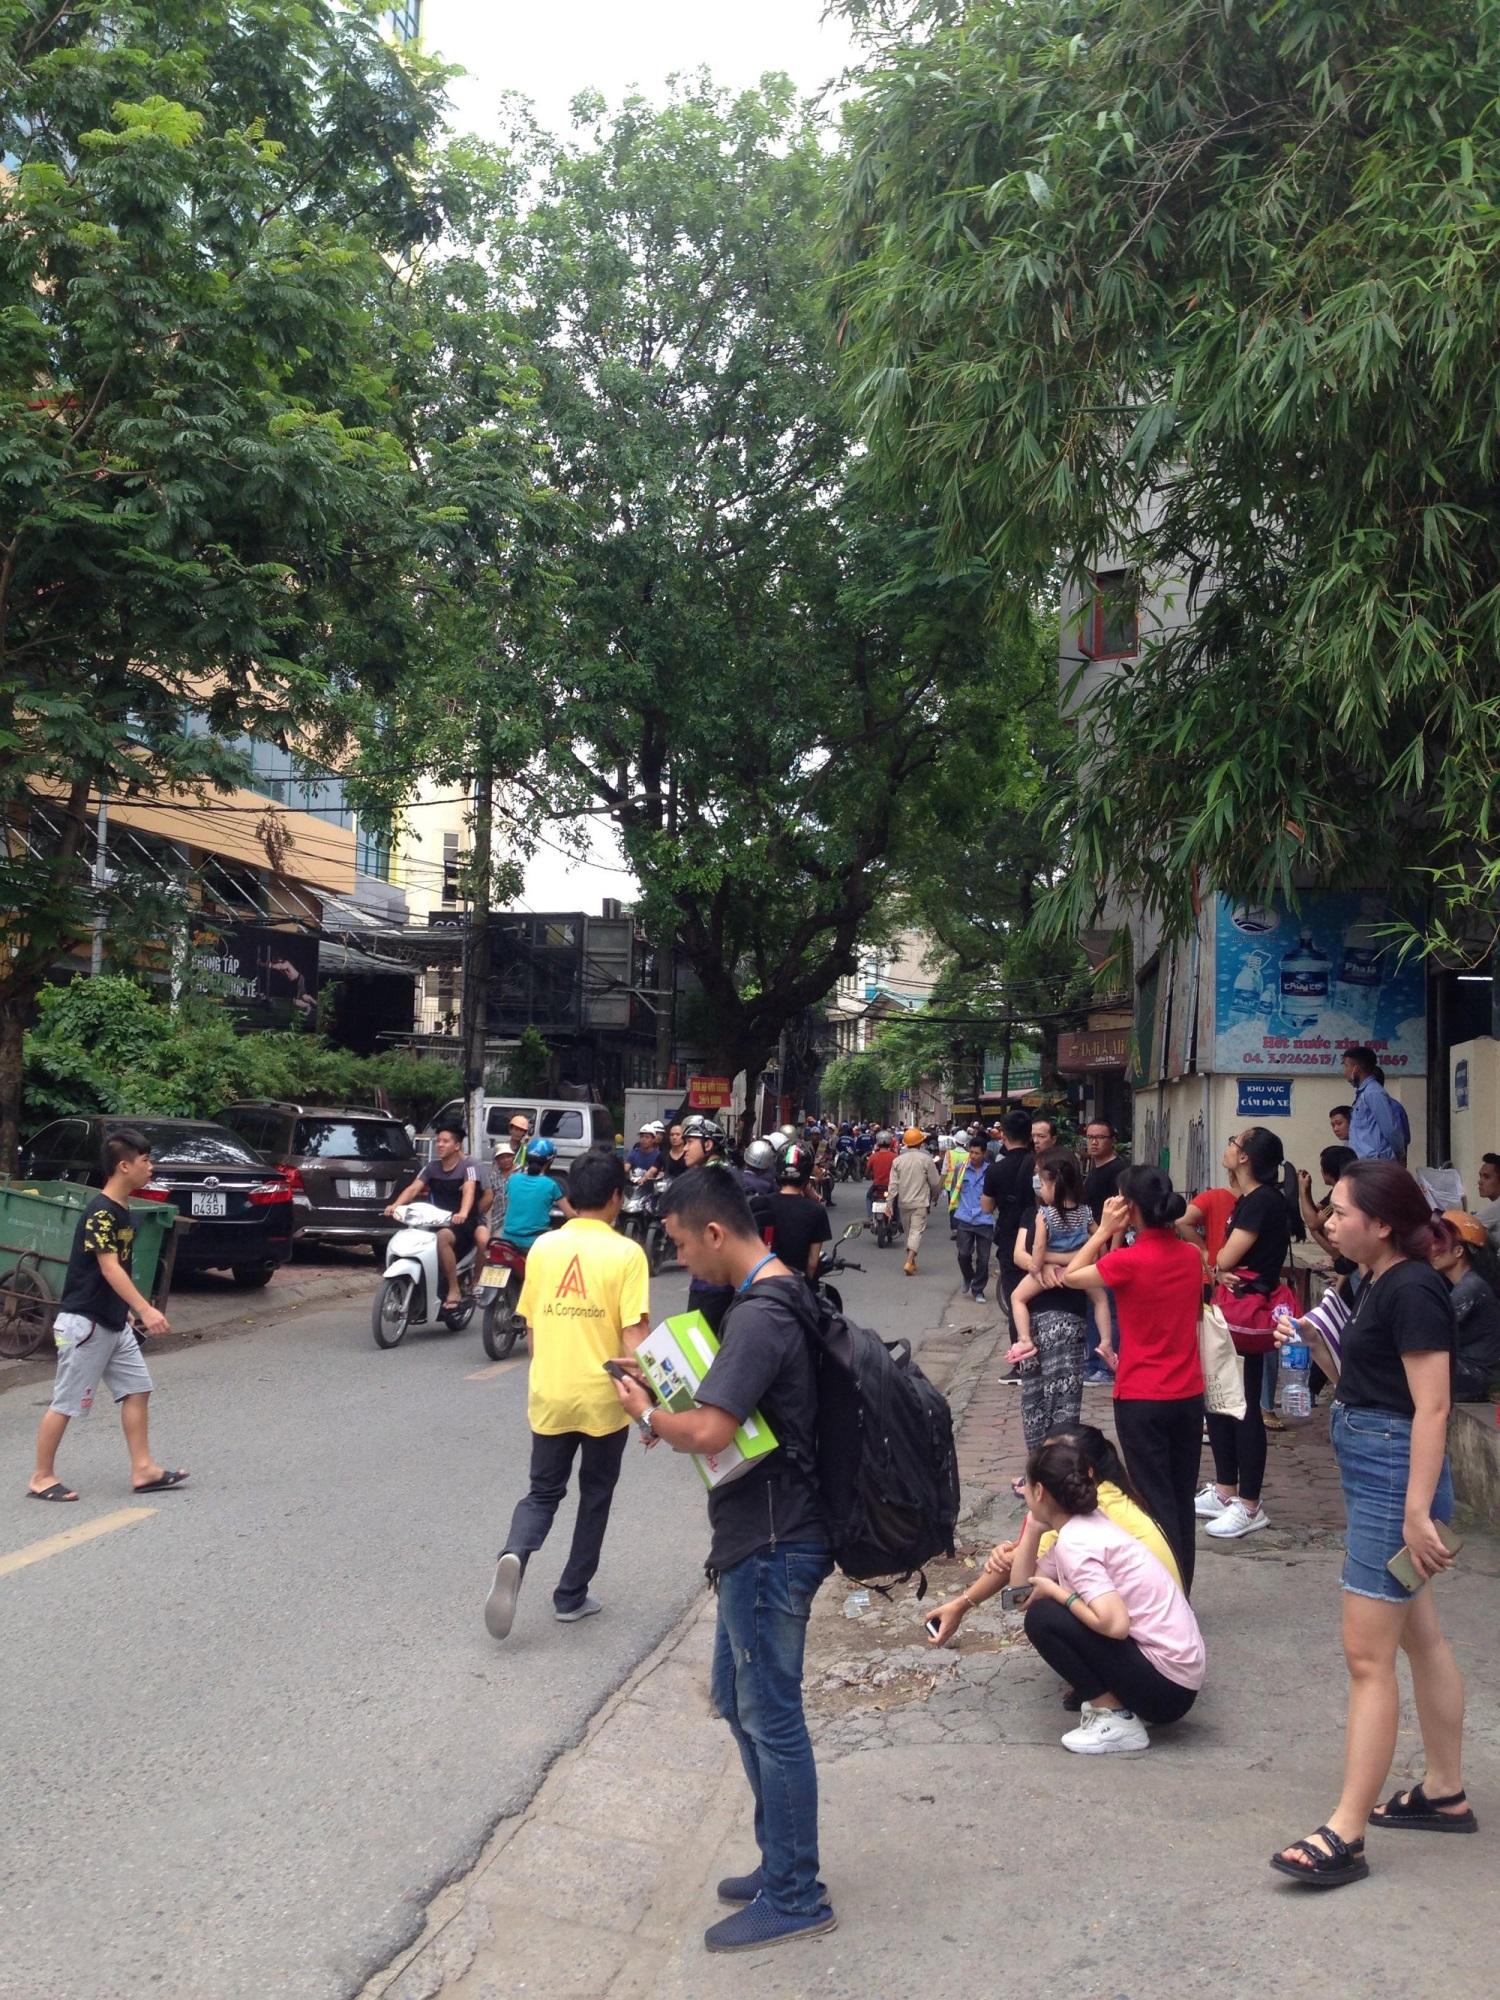 Hà Nội vừa xảy ra rung lắc mạnh, nhiều người dân hoảng hốt lao ra khỏi các tòa nhà cao tầng - Ảnh 2